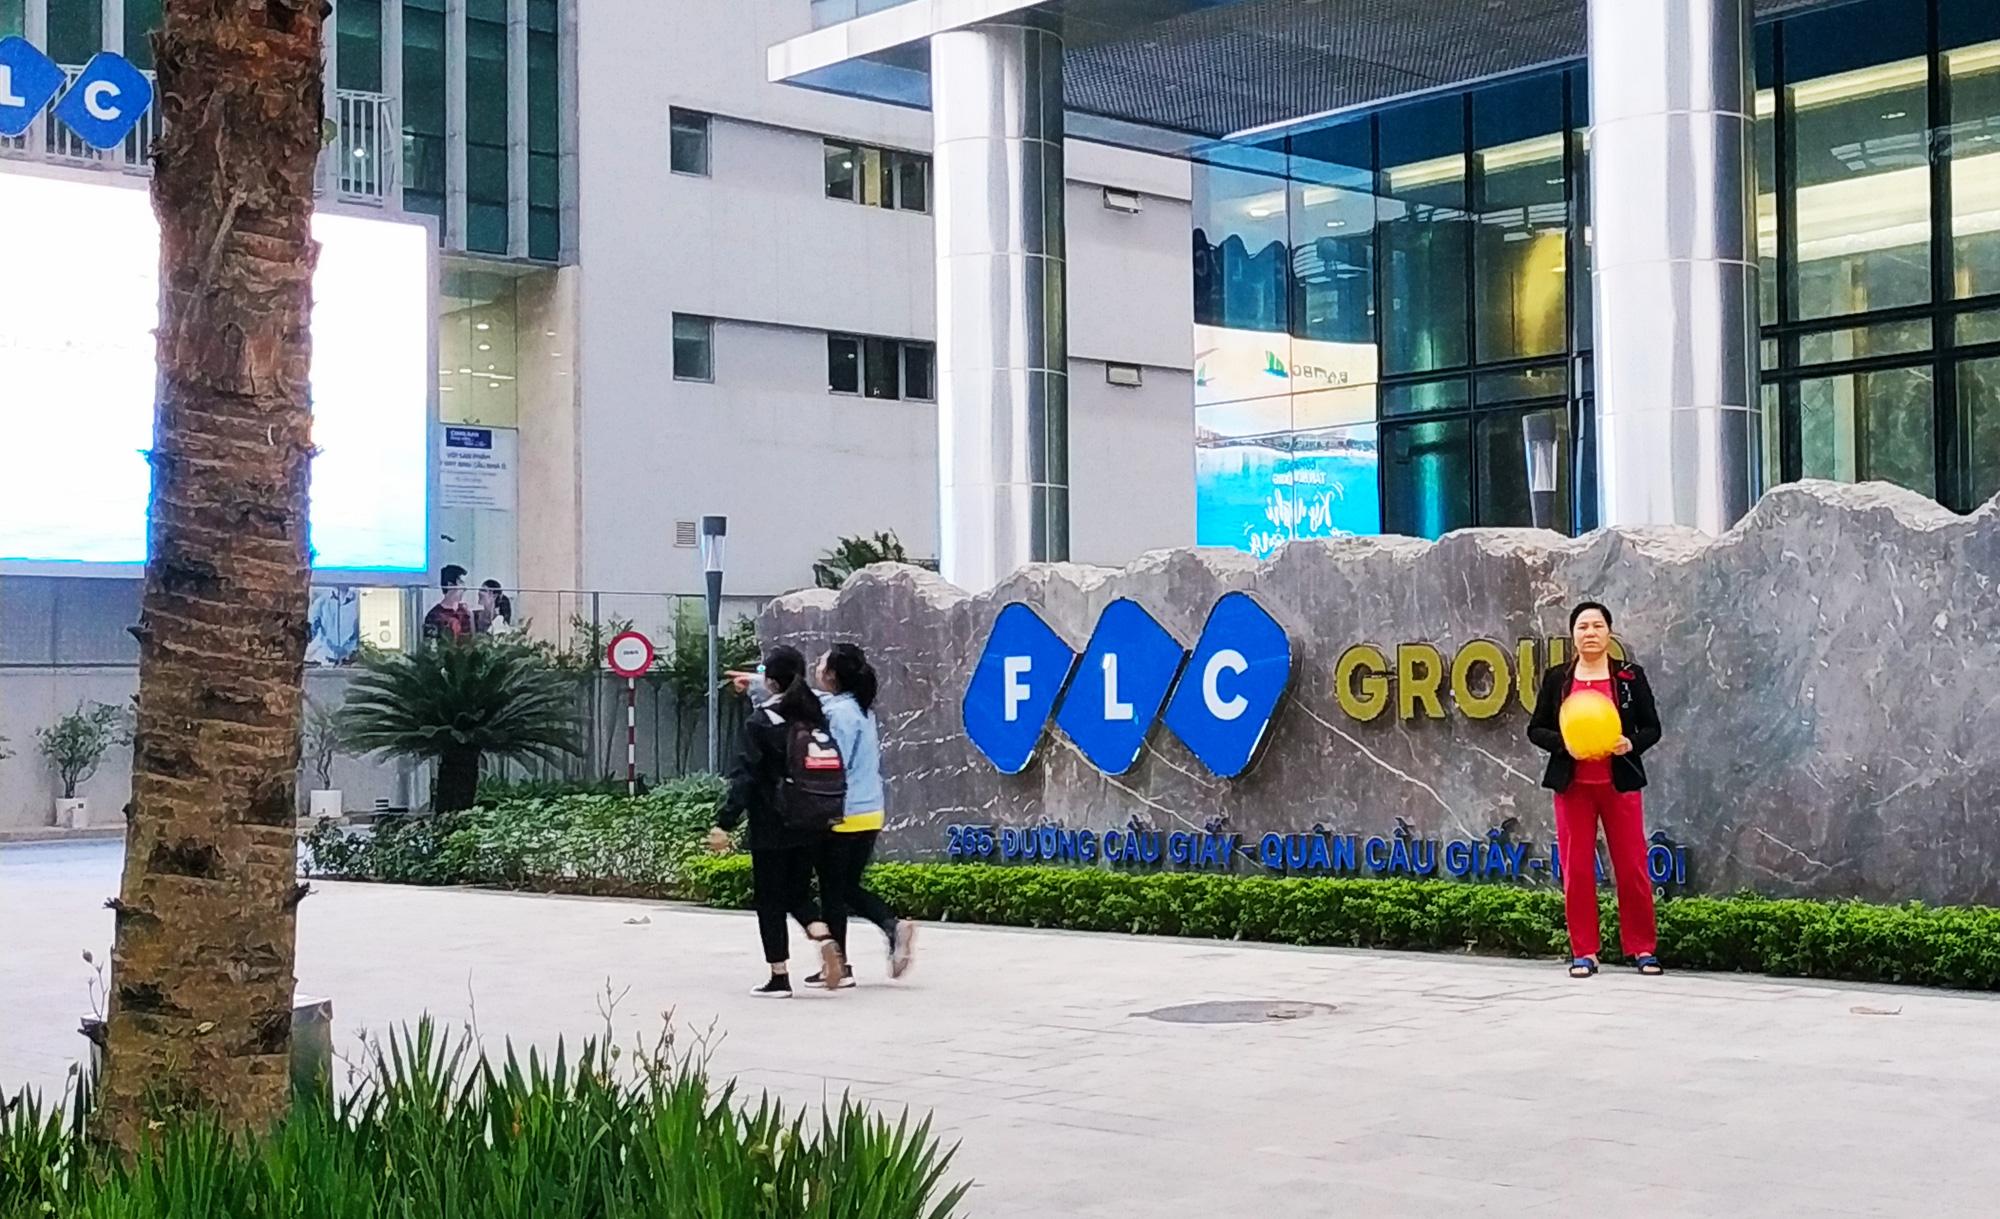 Quản lý tài sản FLC (GAB) nghiên cứu làm dự án điện gió, điện mặt trời 5.000 tỉ đồng - Ảnh 1.